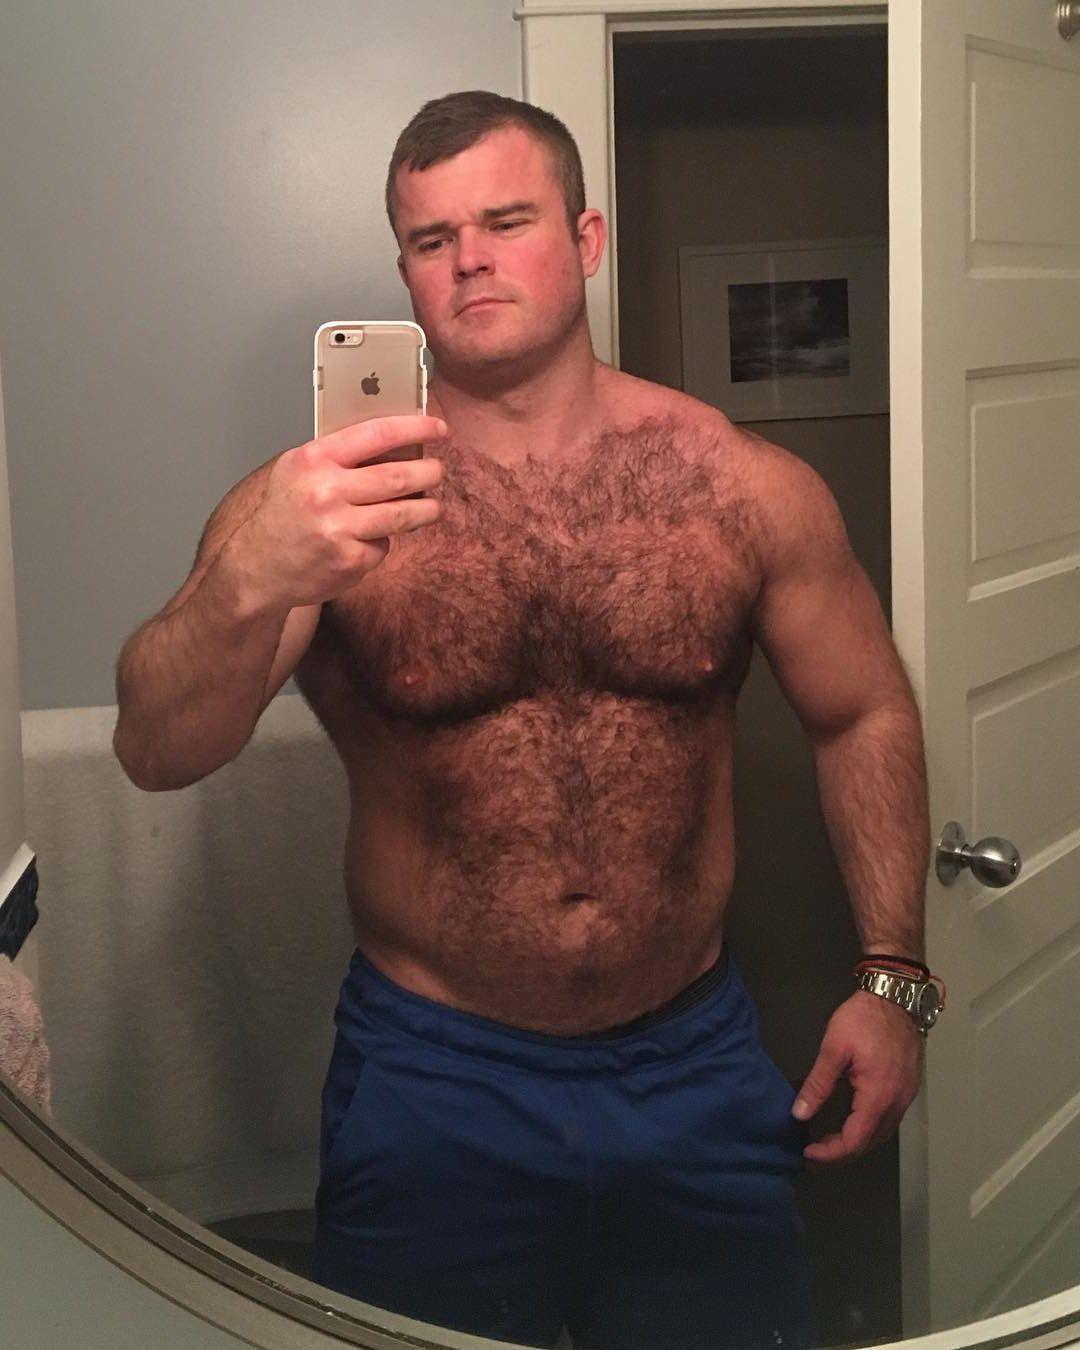 bear guys Bear guide, bear events, bear clubs, bear bars, saunas.